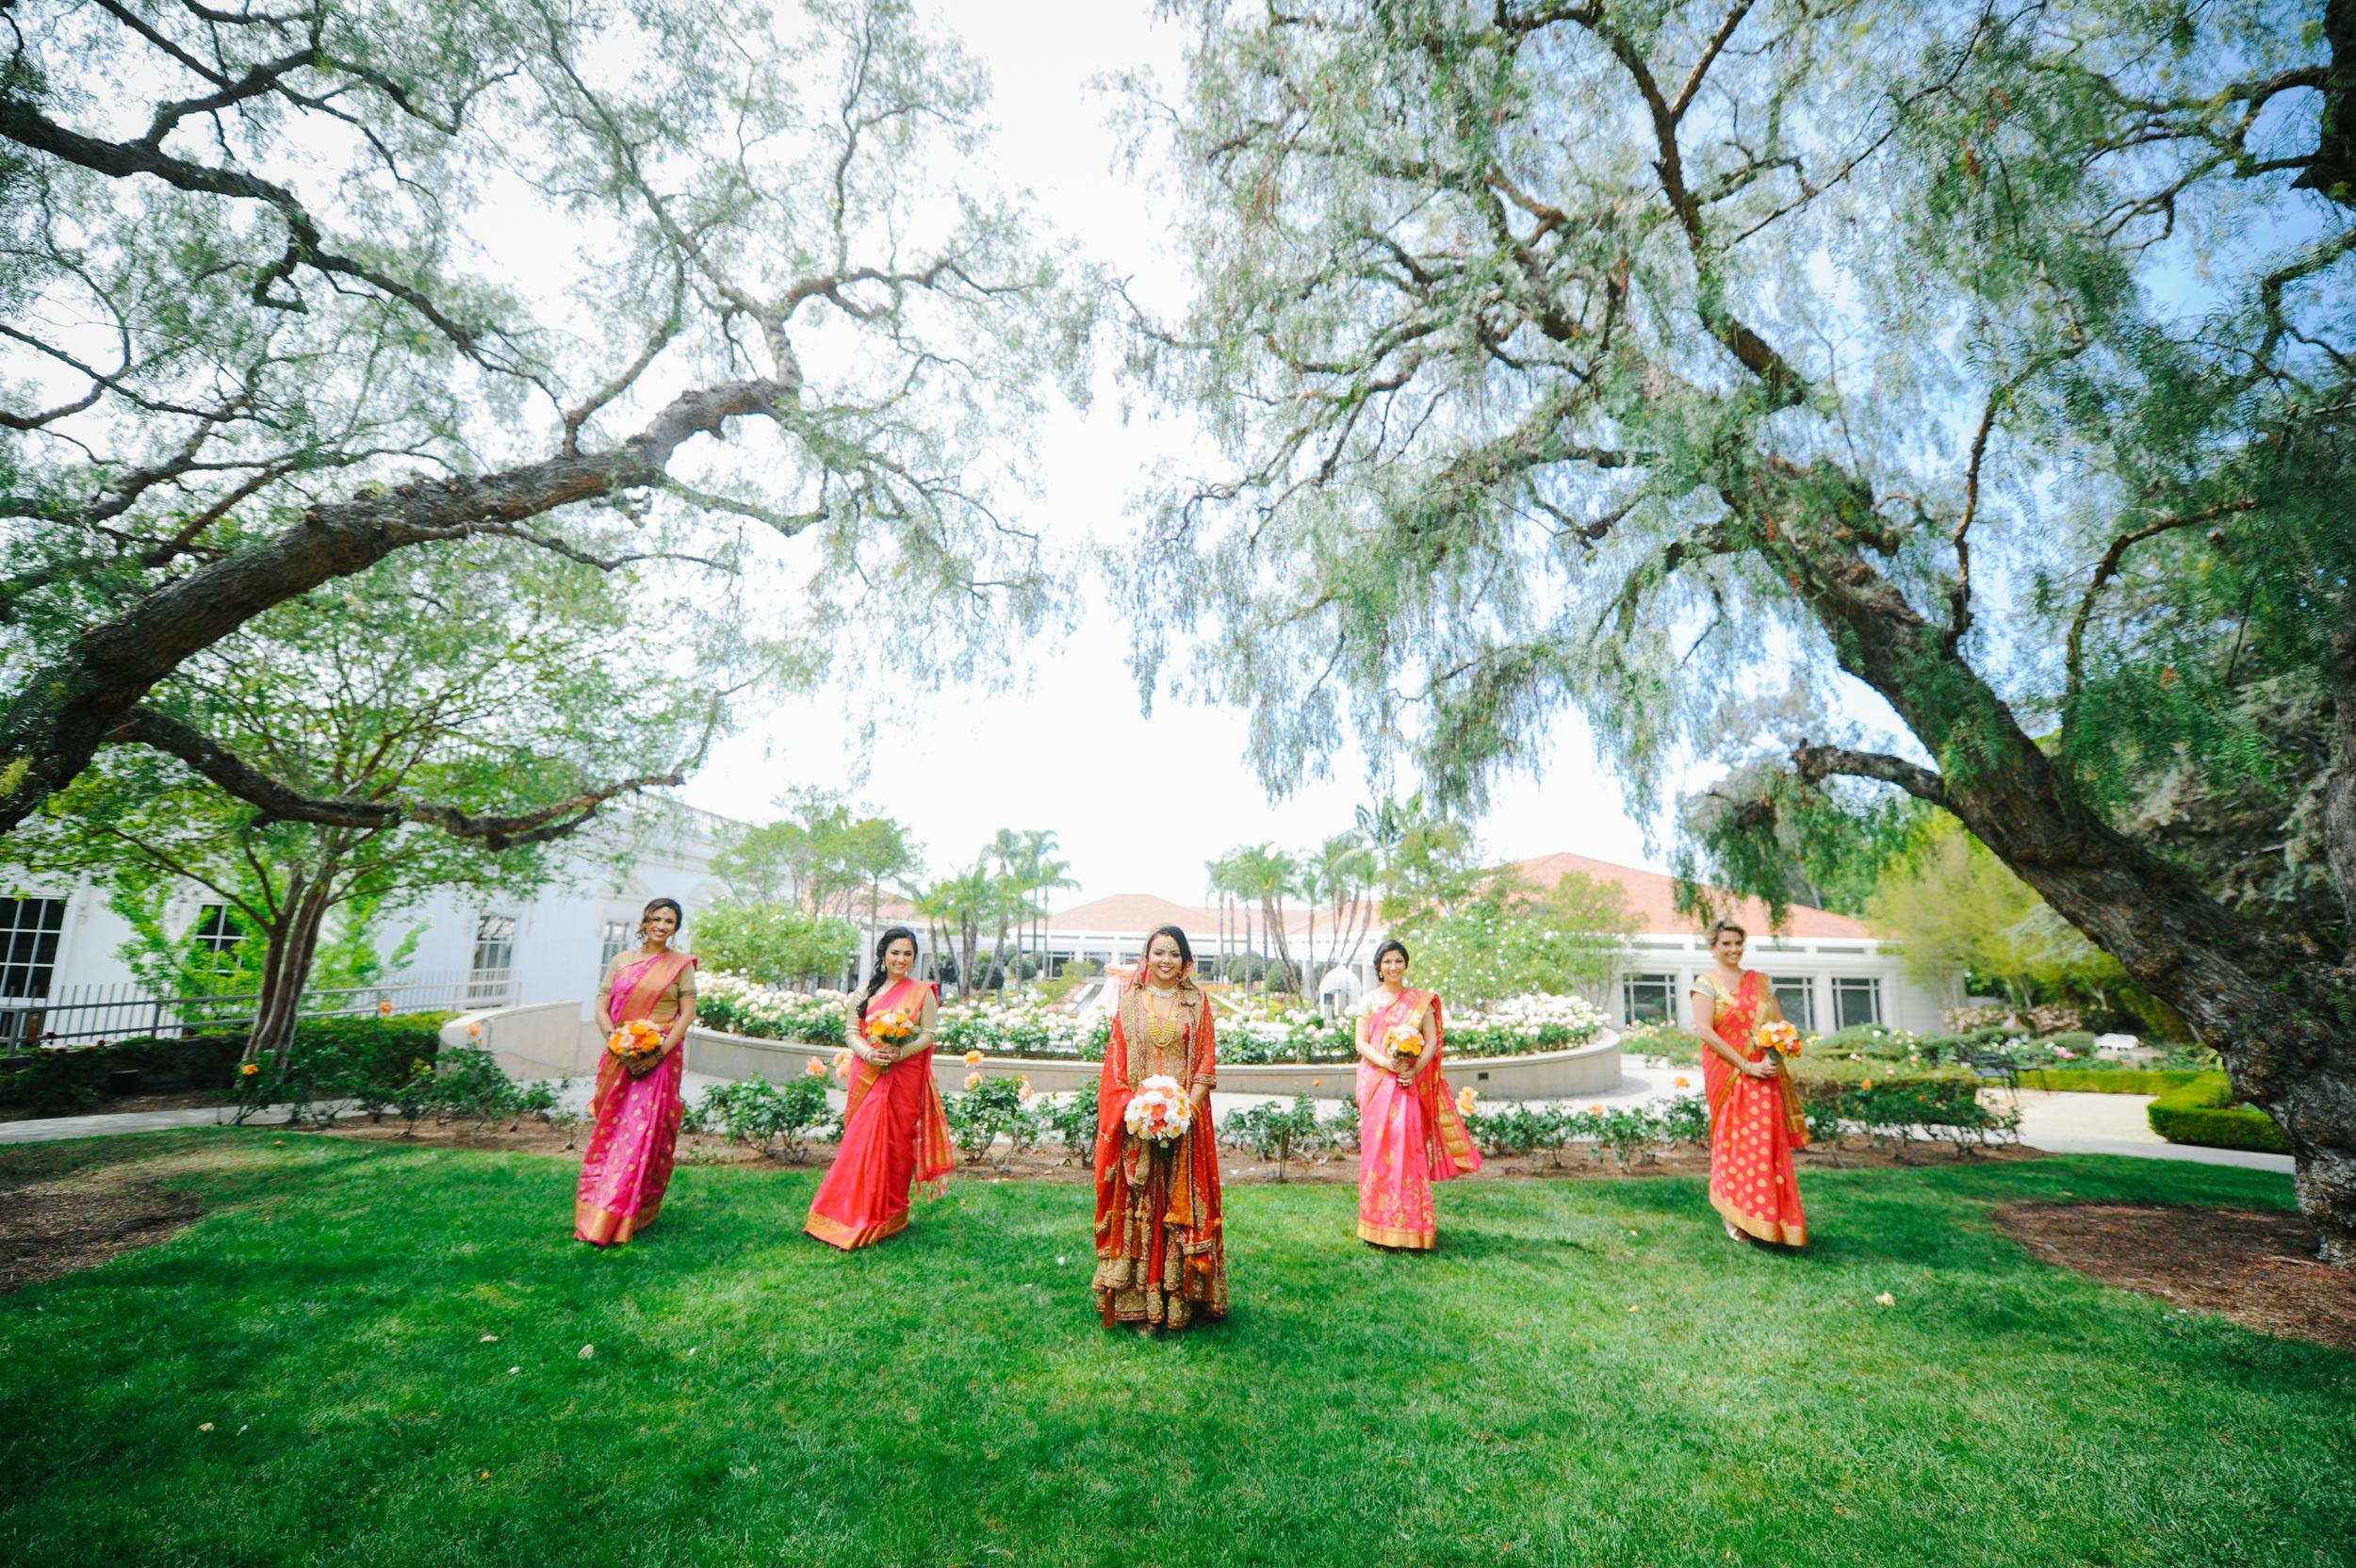 JKP_Indian_Weddings_0027.JPG